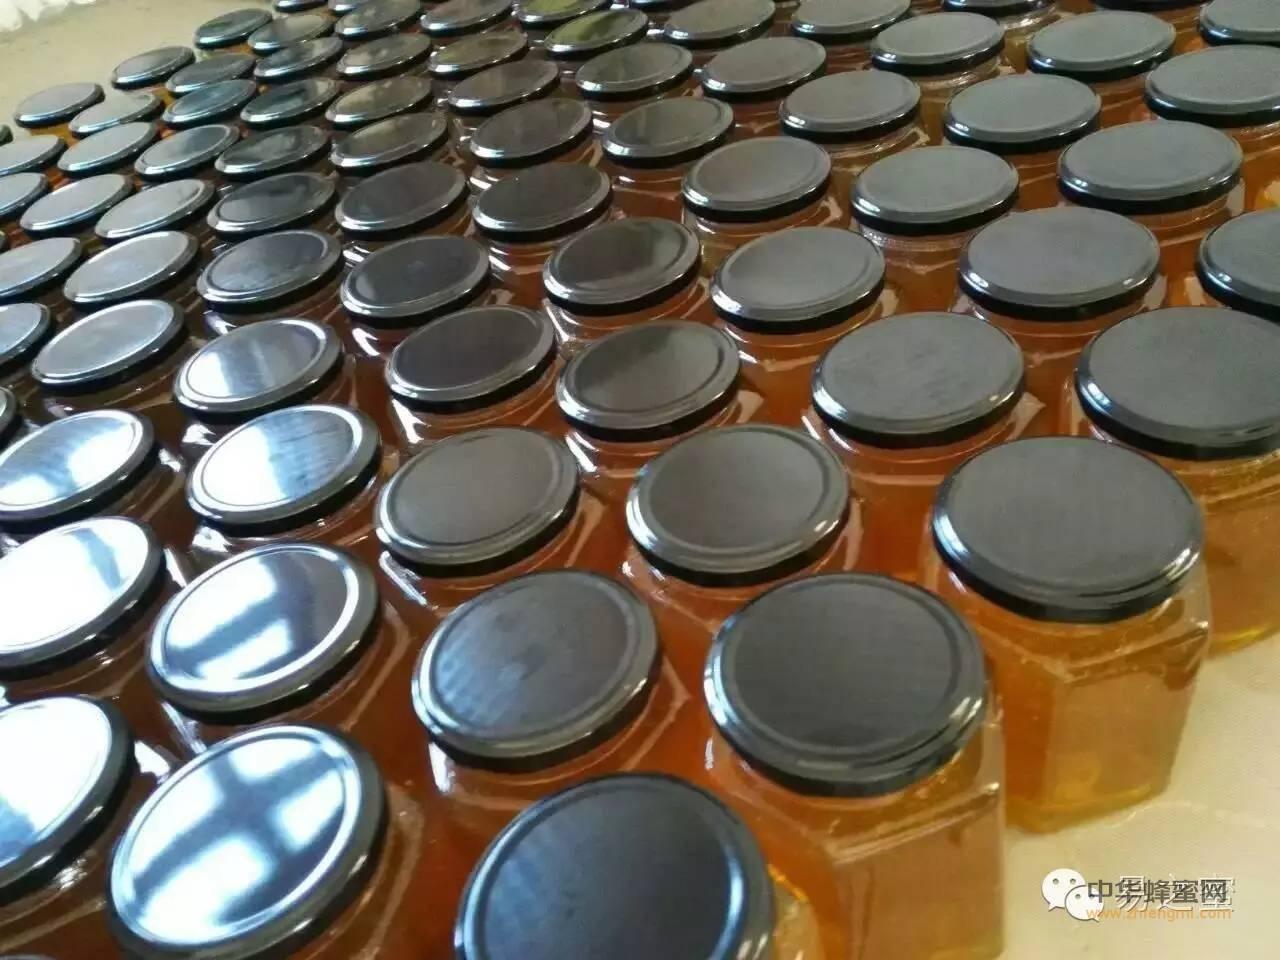 【怎样做蜂蜜柚子茶】_超市蜂蜜为何保健效果不明显?